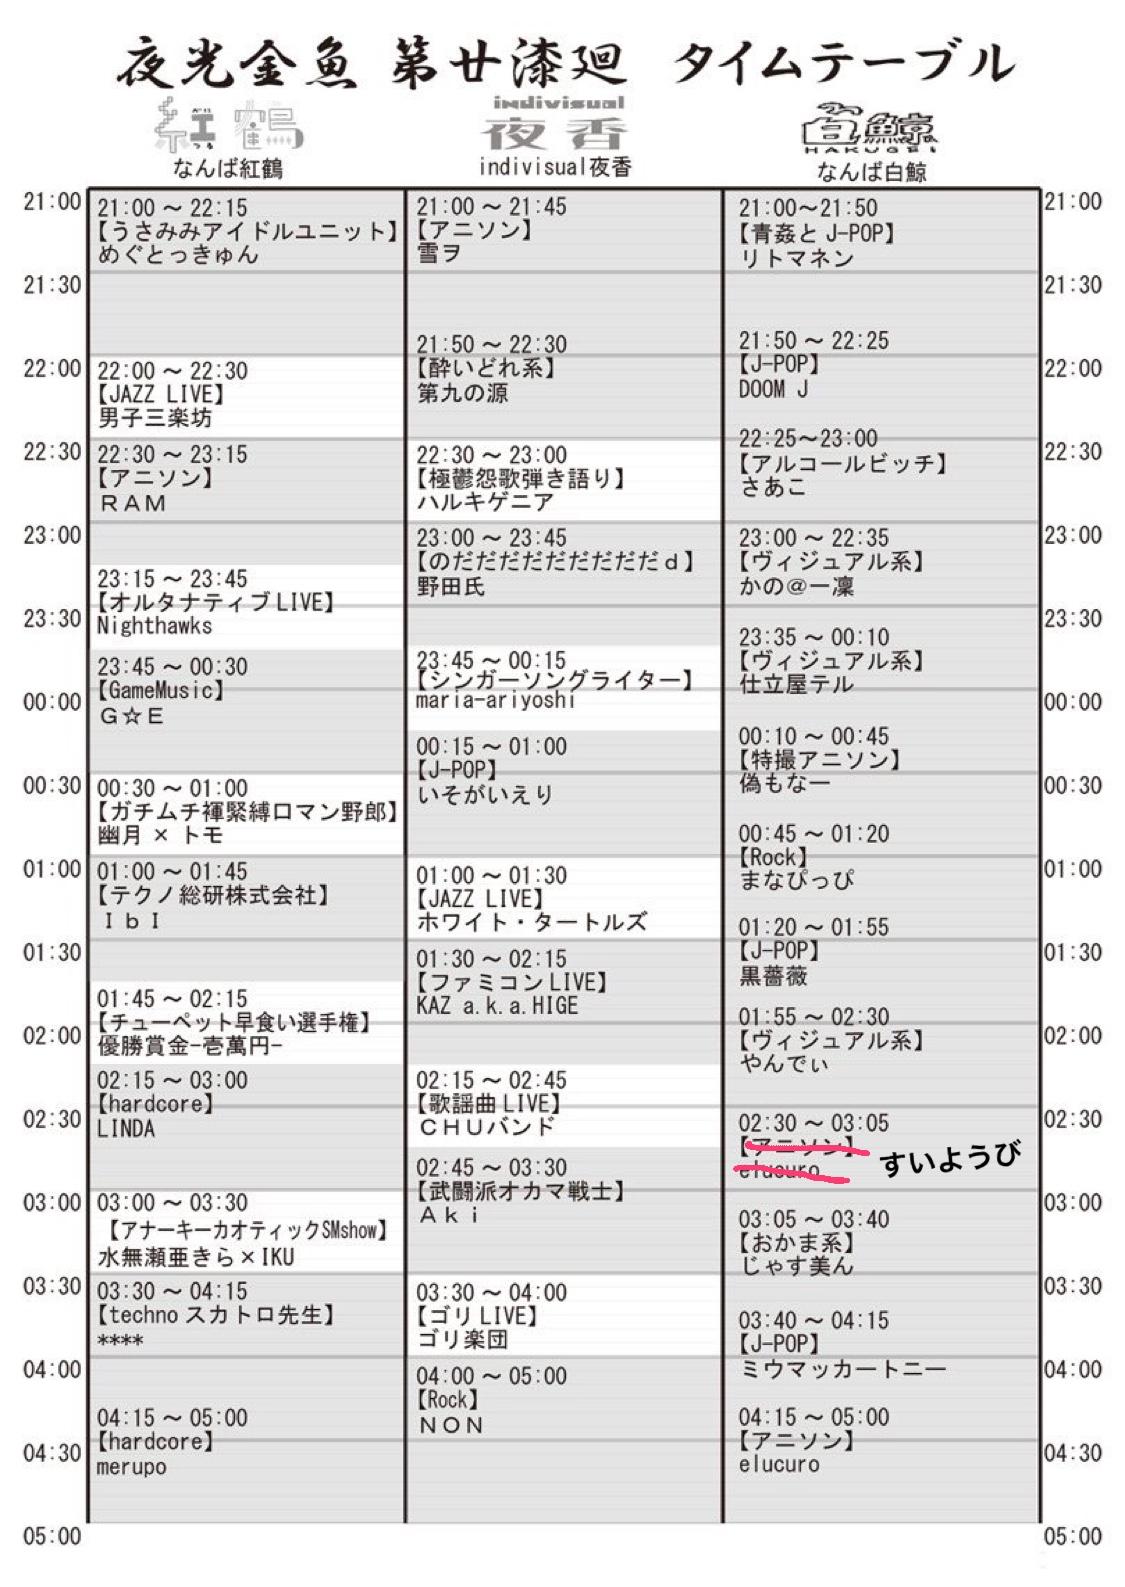 夜光金魚 第廿漆廻 スタンプラリー景品目録 & タイムテーブル